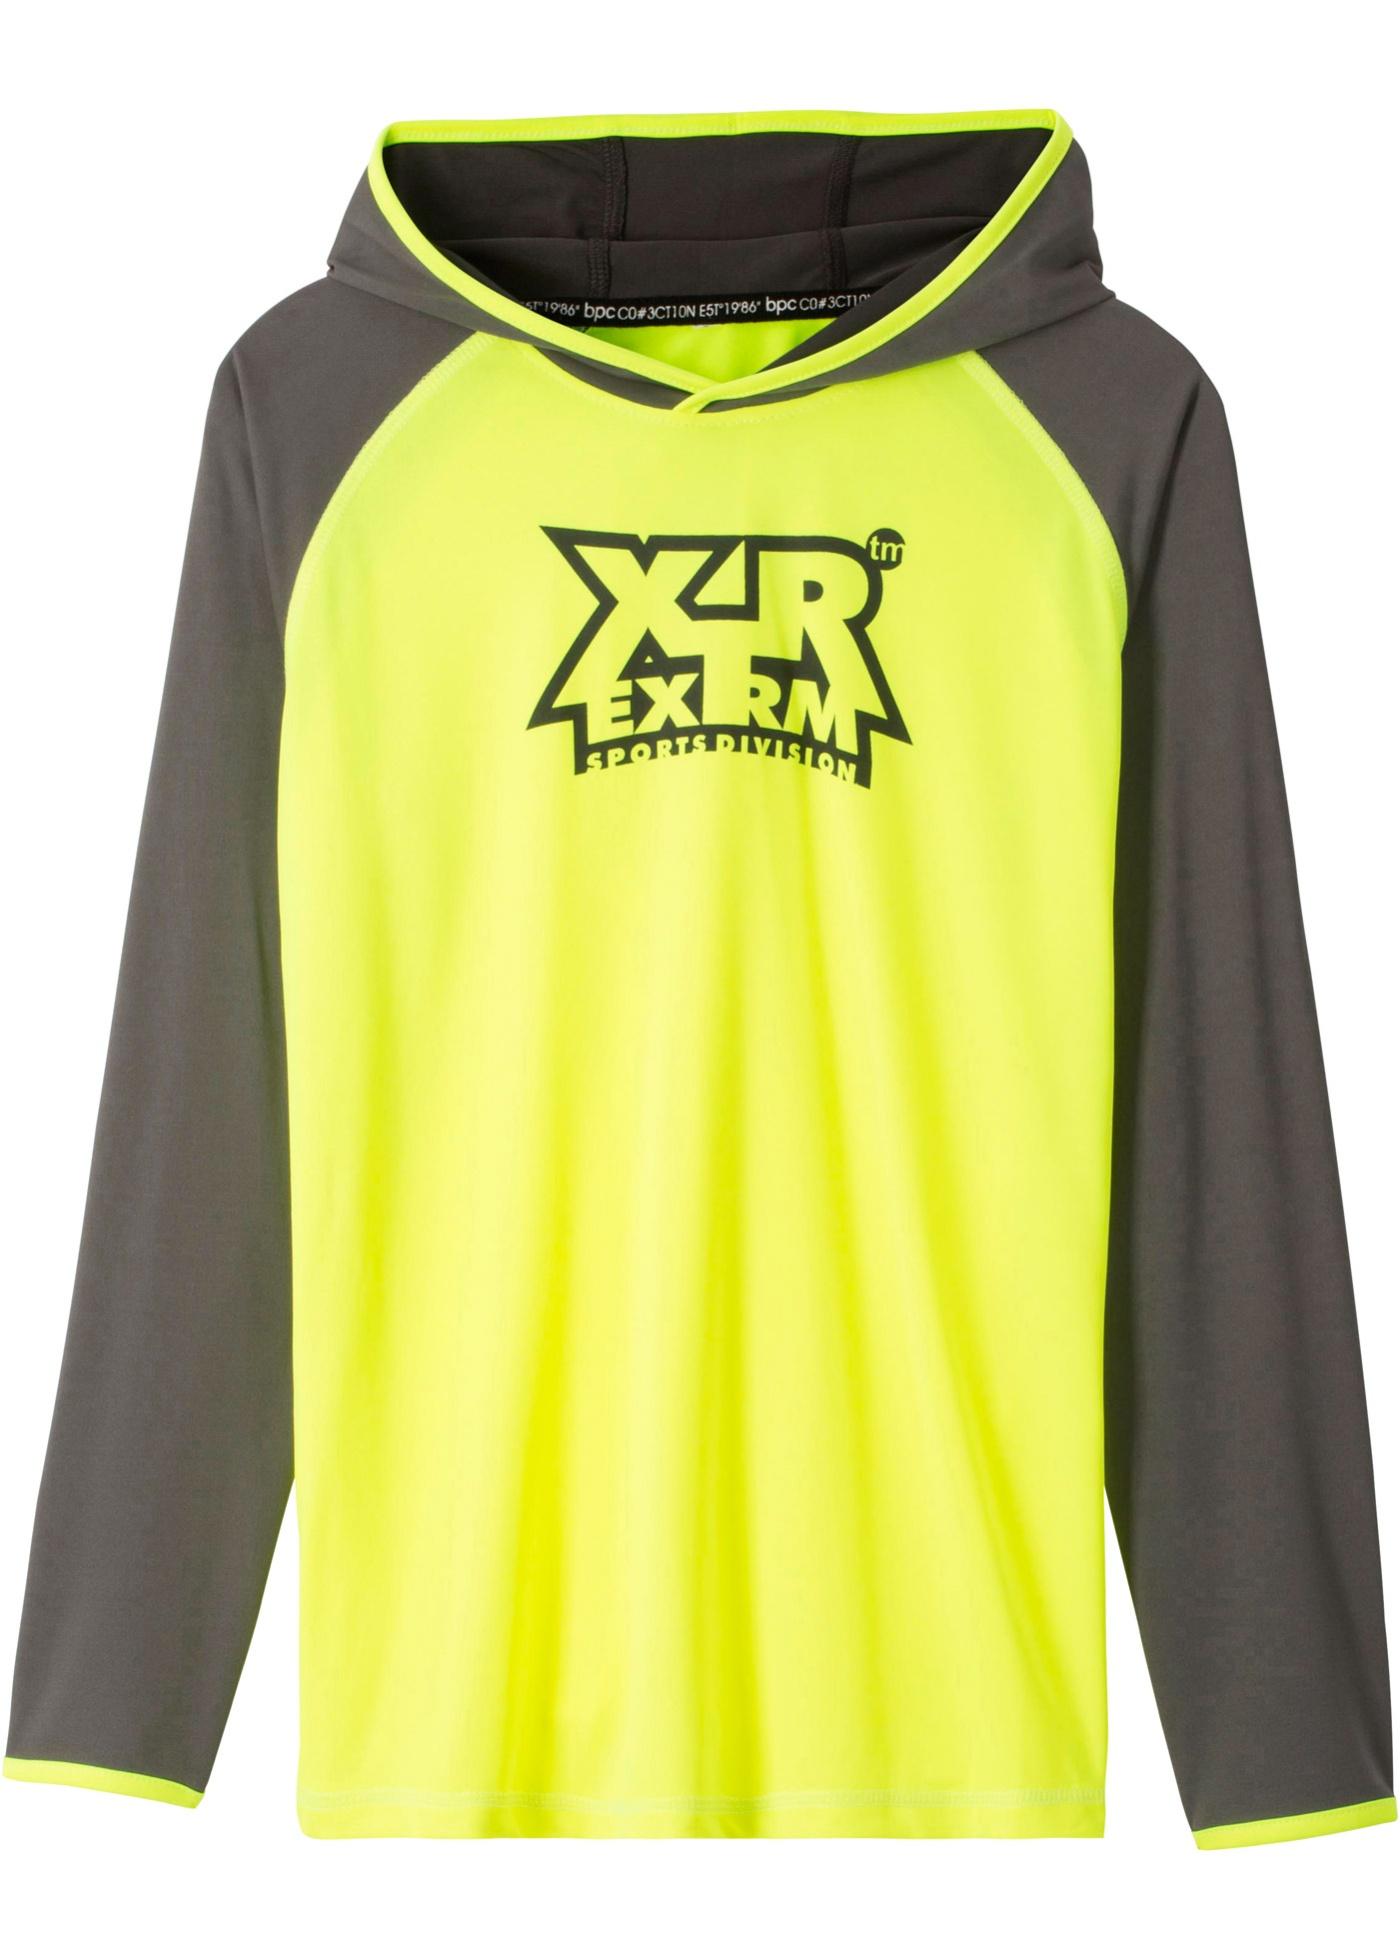 Sportovní tričko s kapucí - Žlutá